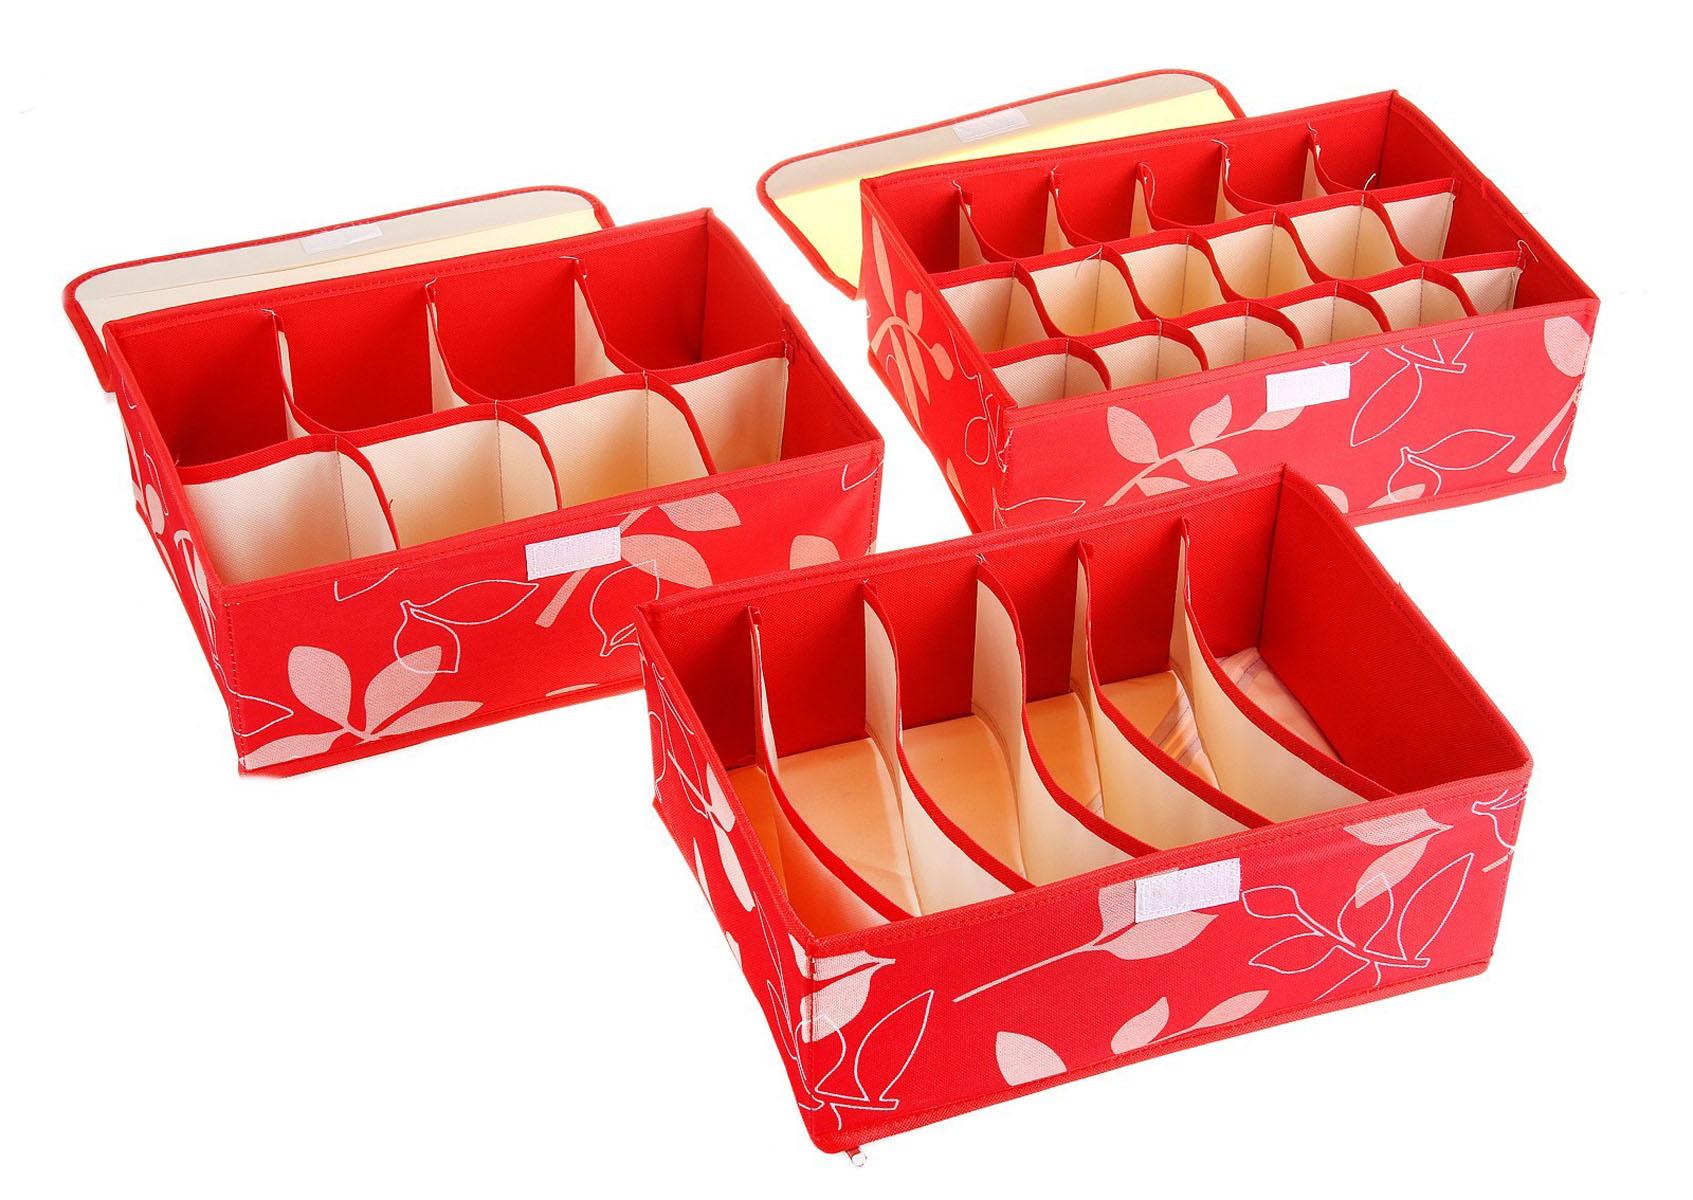 Кофр для мелких вещей Листочки, цвет: красный, 32 см х 24 см х 12 см, 3 шт. 760568760568